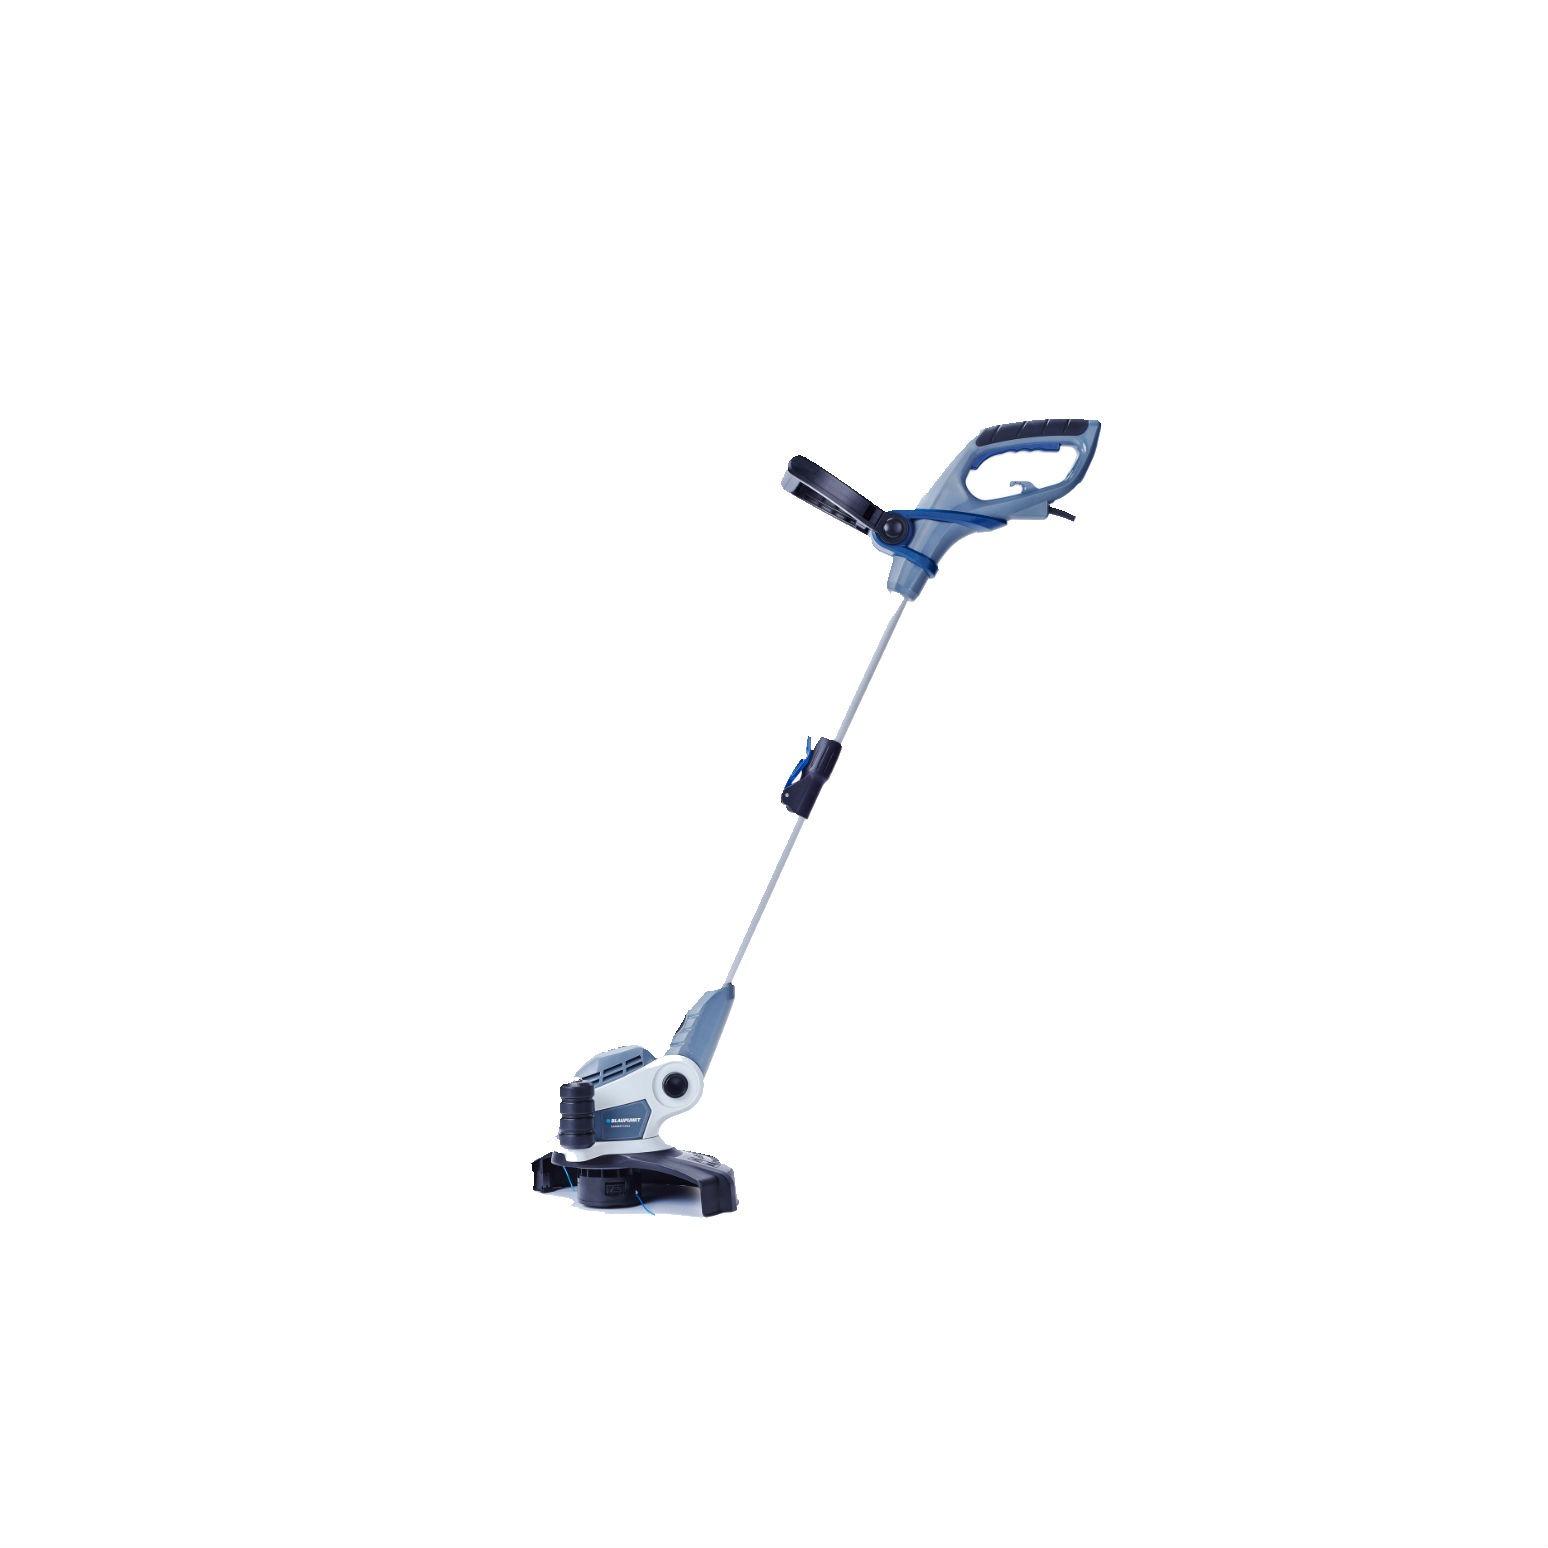 Blaupunkt GT4000 grass trimmer